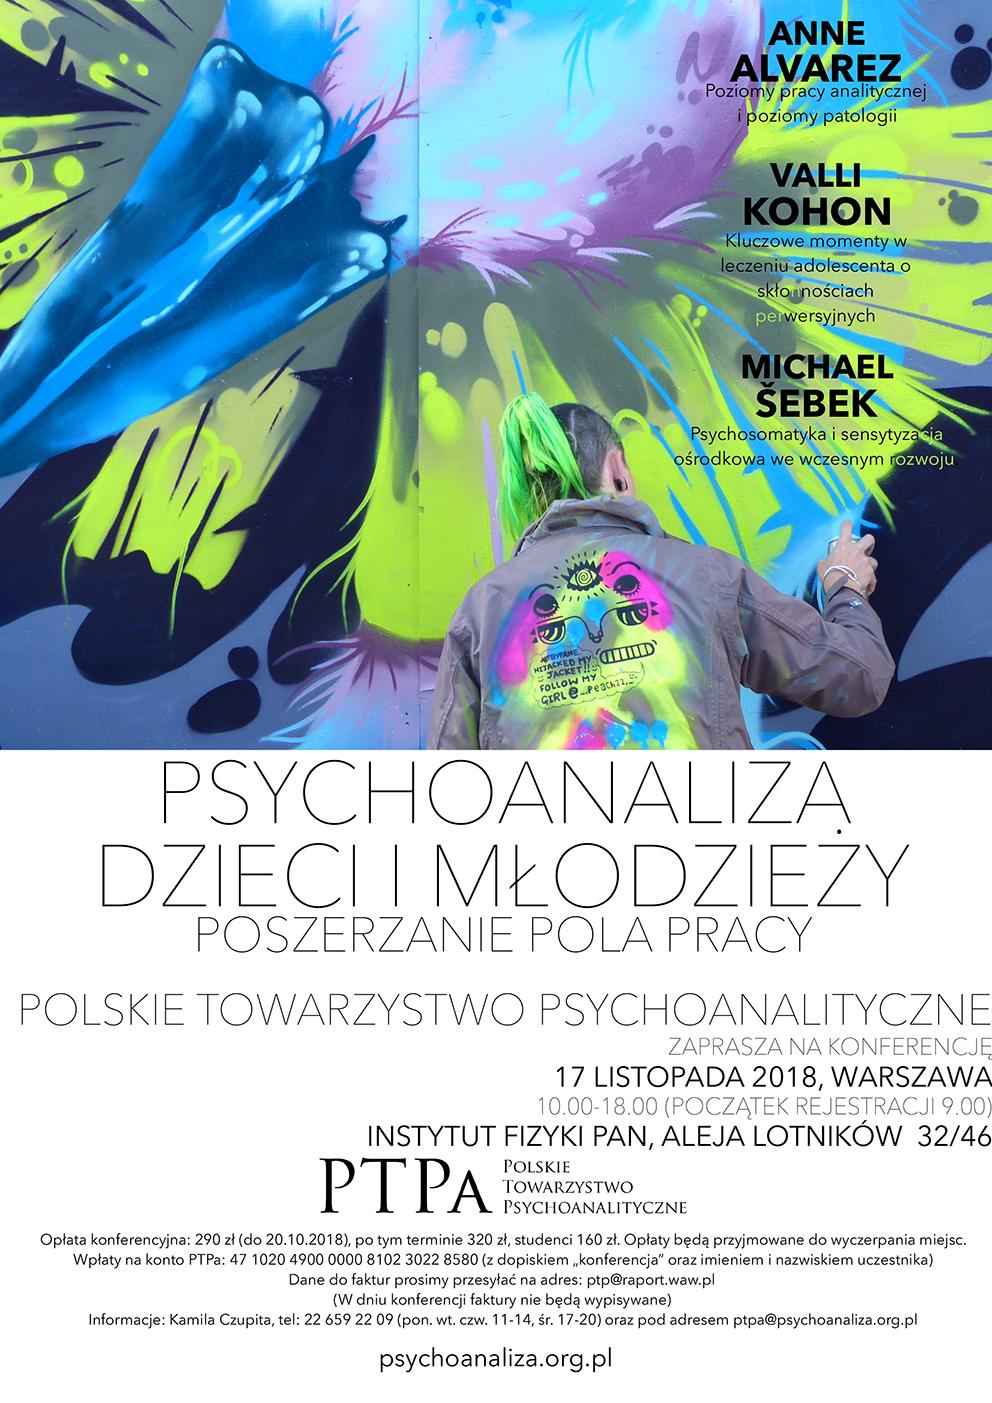 Konferencja Polskiego Towarzystwa Psychoanalitycznego: Psychoanaliza dzieci i młodzieży – poszerzanie pola pracy